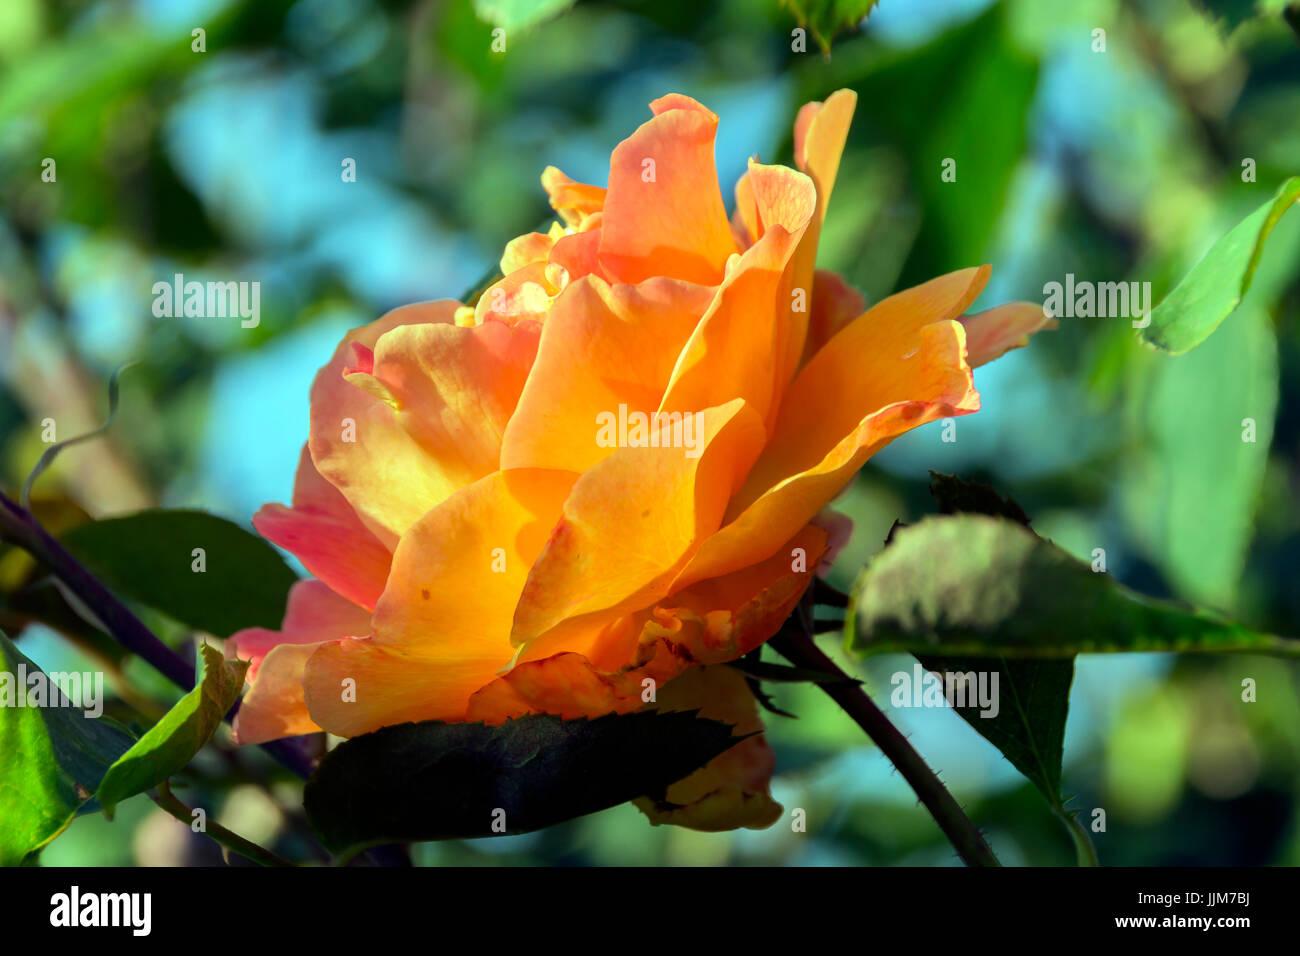 Flores del Parque de las Rosas en Los Angeles California, captadas bajo el Fuerte calor de una tarde de verano, Immagini Stock